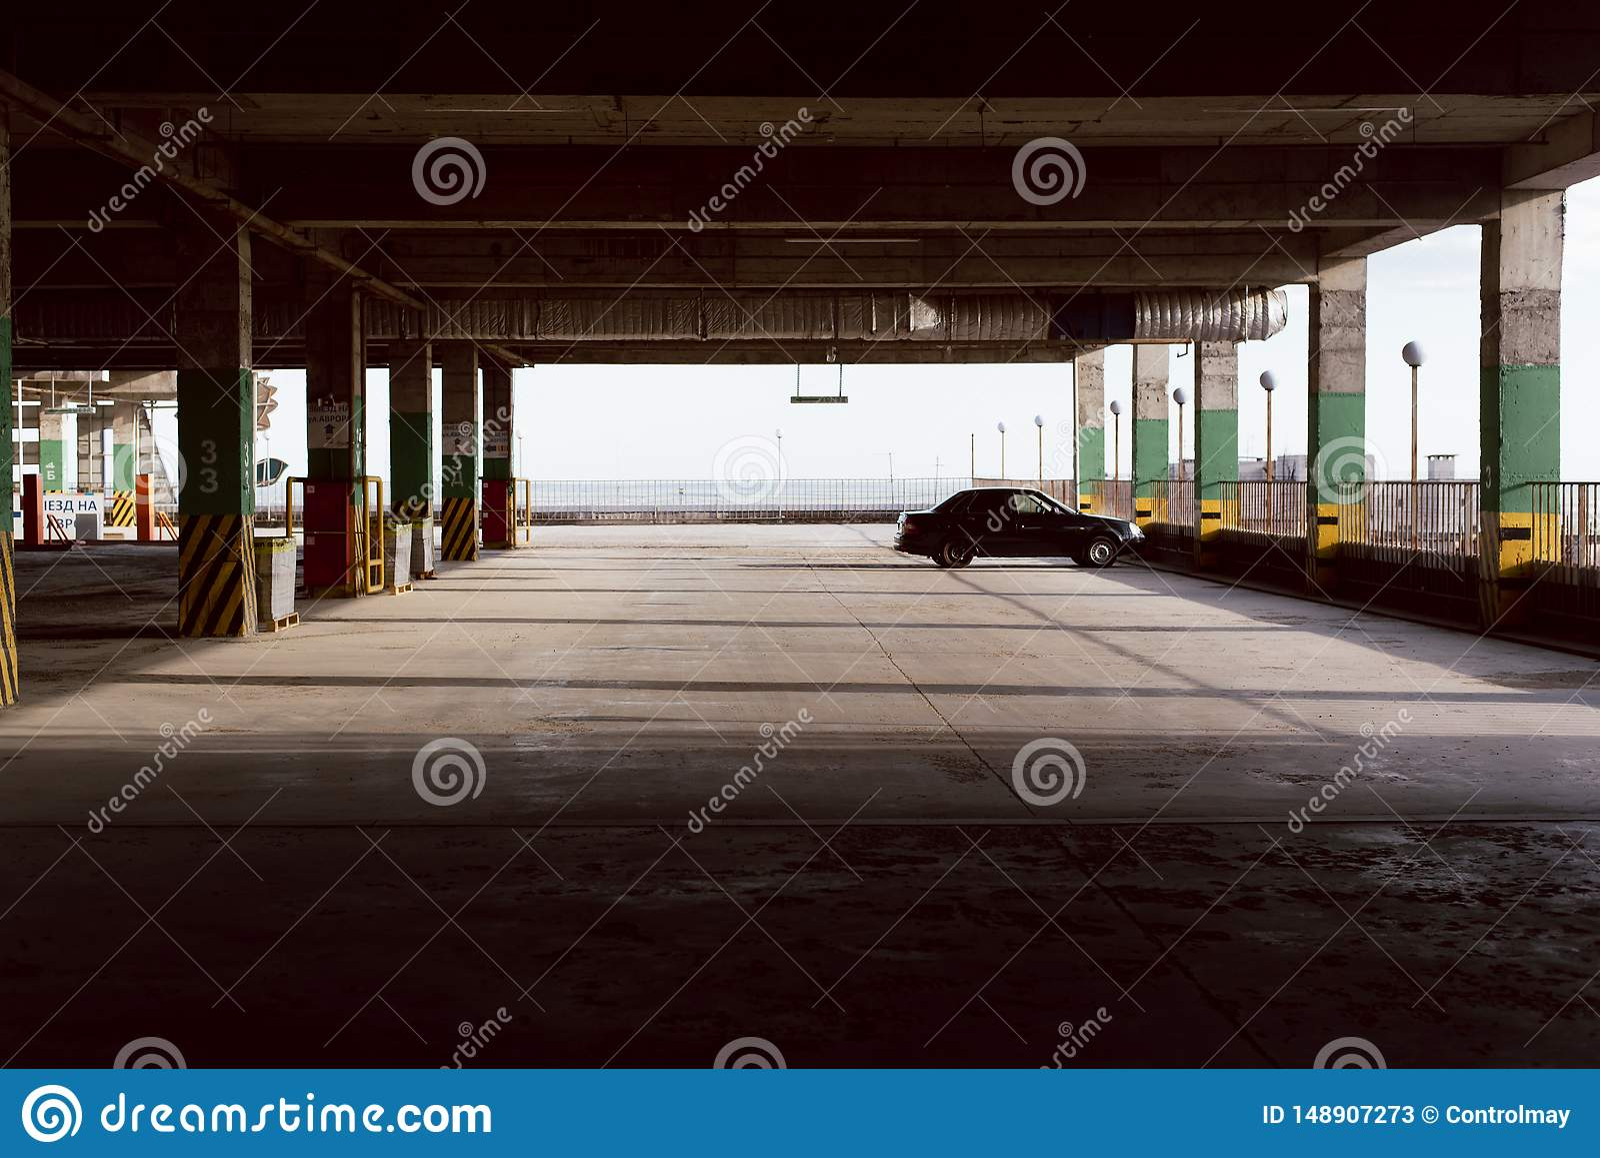 Stationnement vide Une voiture dans le parking